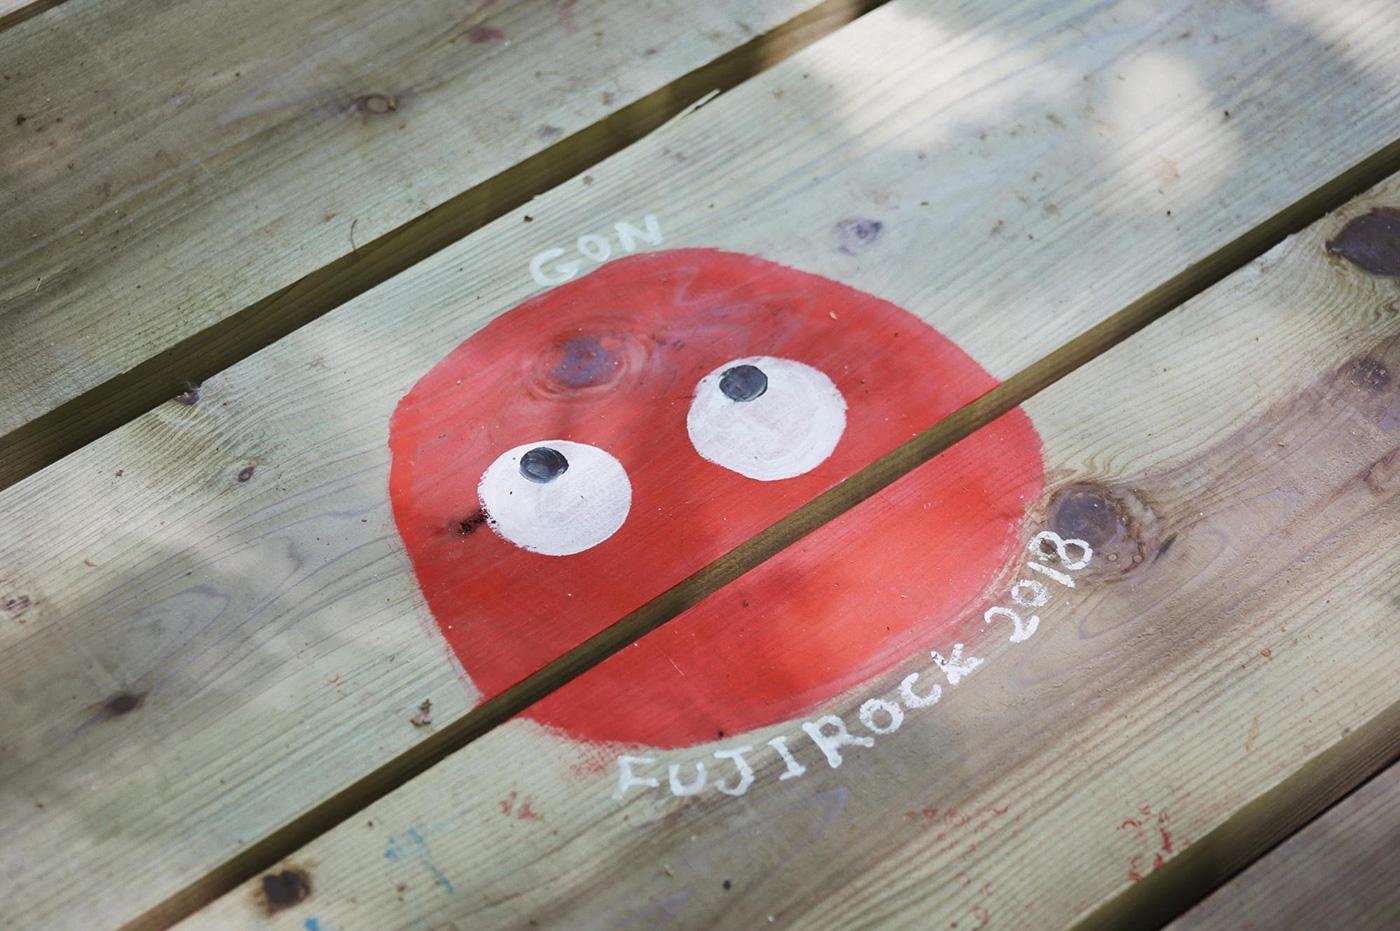 ゴンちゃんが描かれているボードも Photo by Riho Kamimura